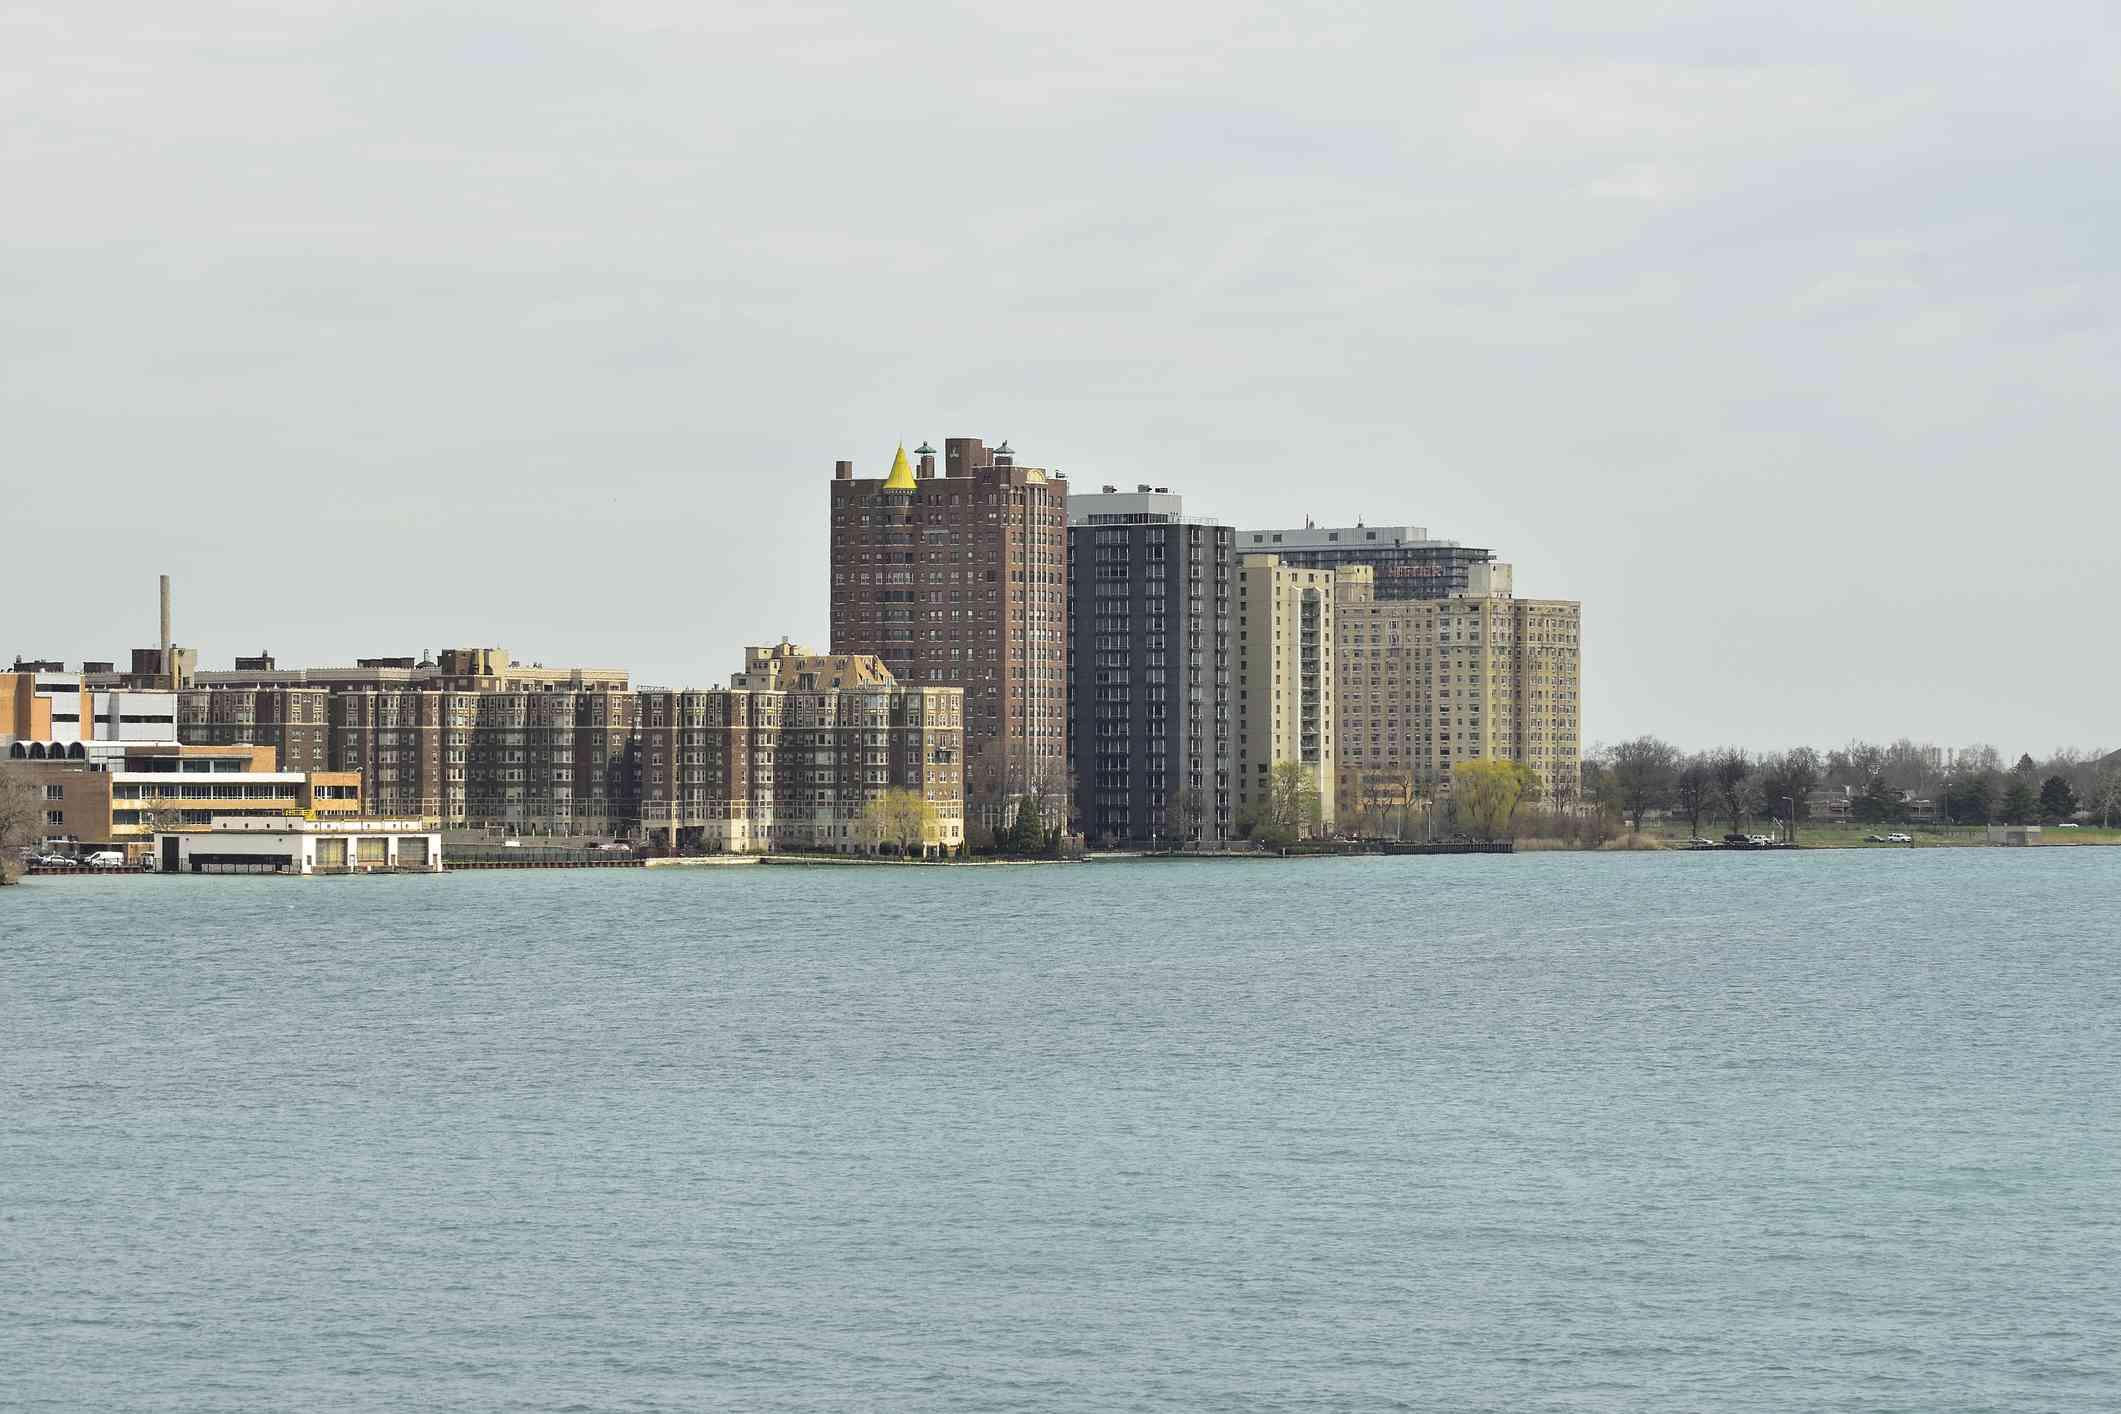 Detroit's Gold Coast, a part of The Villages